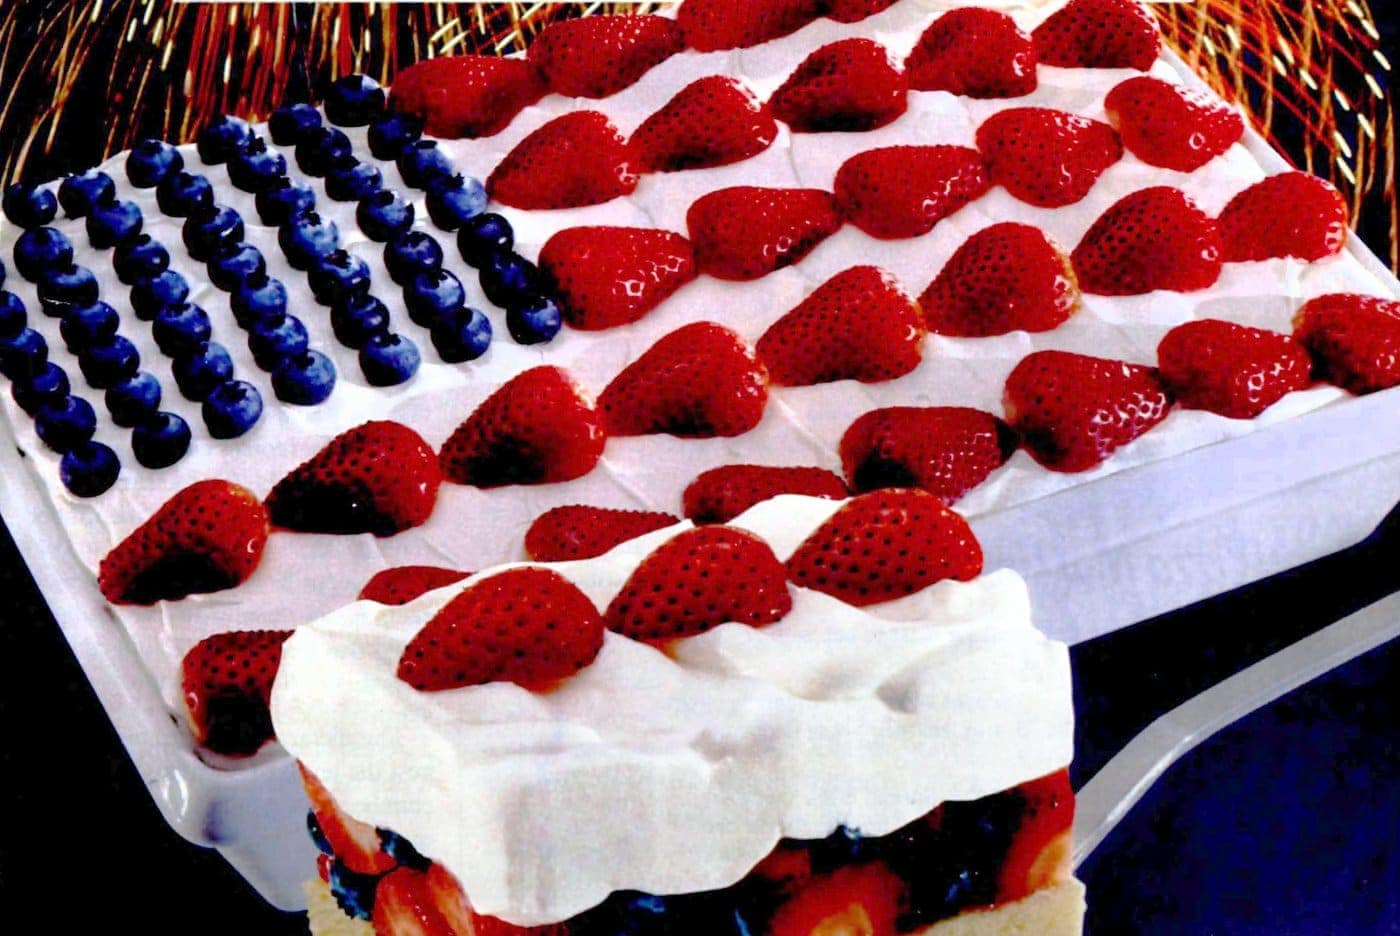 Retro Stars and Stripes Cake or Flag Cake